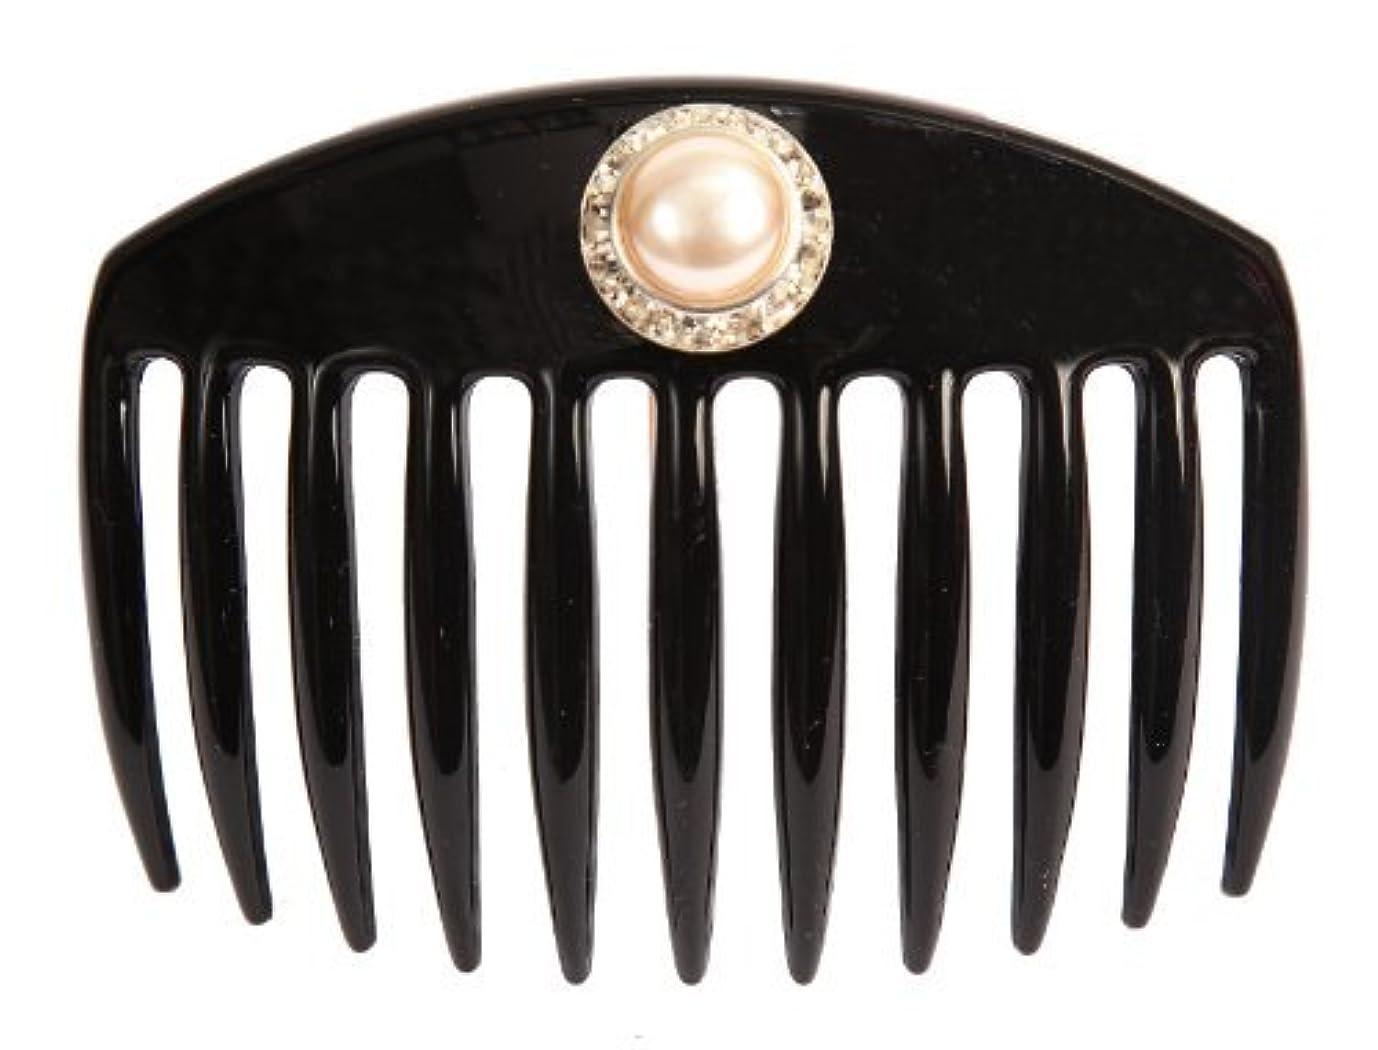 ジェットガイダンス苦情文句Caravan Hand Decorated French Comb with Large Pearl and Swarovski Stones In Silver Setting, Black.65 Ounce [並行輸入品]